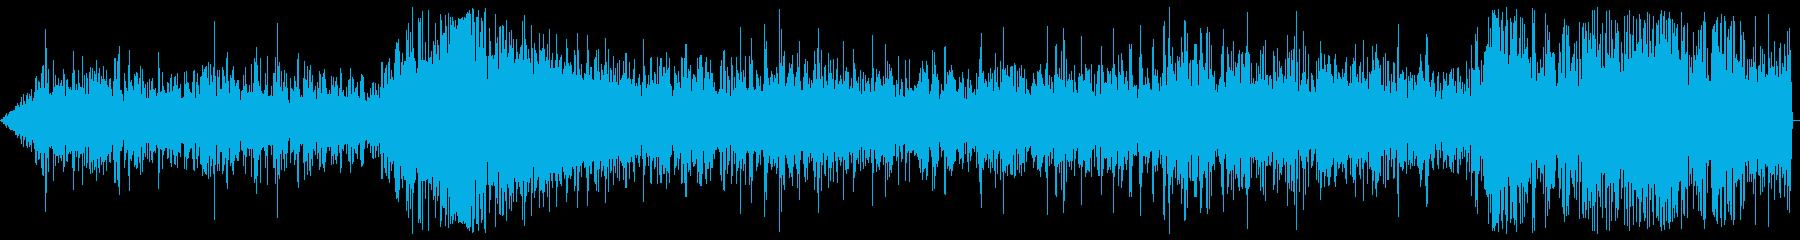 リアルで臨場感のある揚げ物の油のはねる音の再生済みの波形